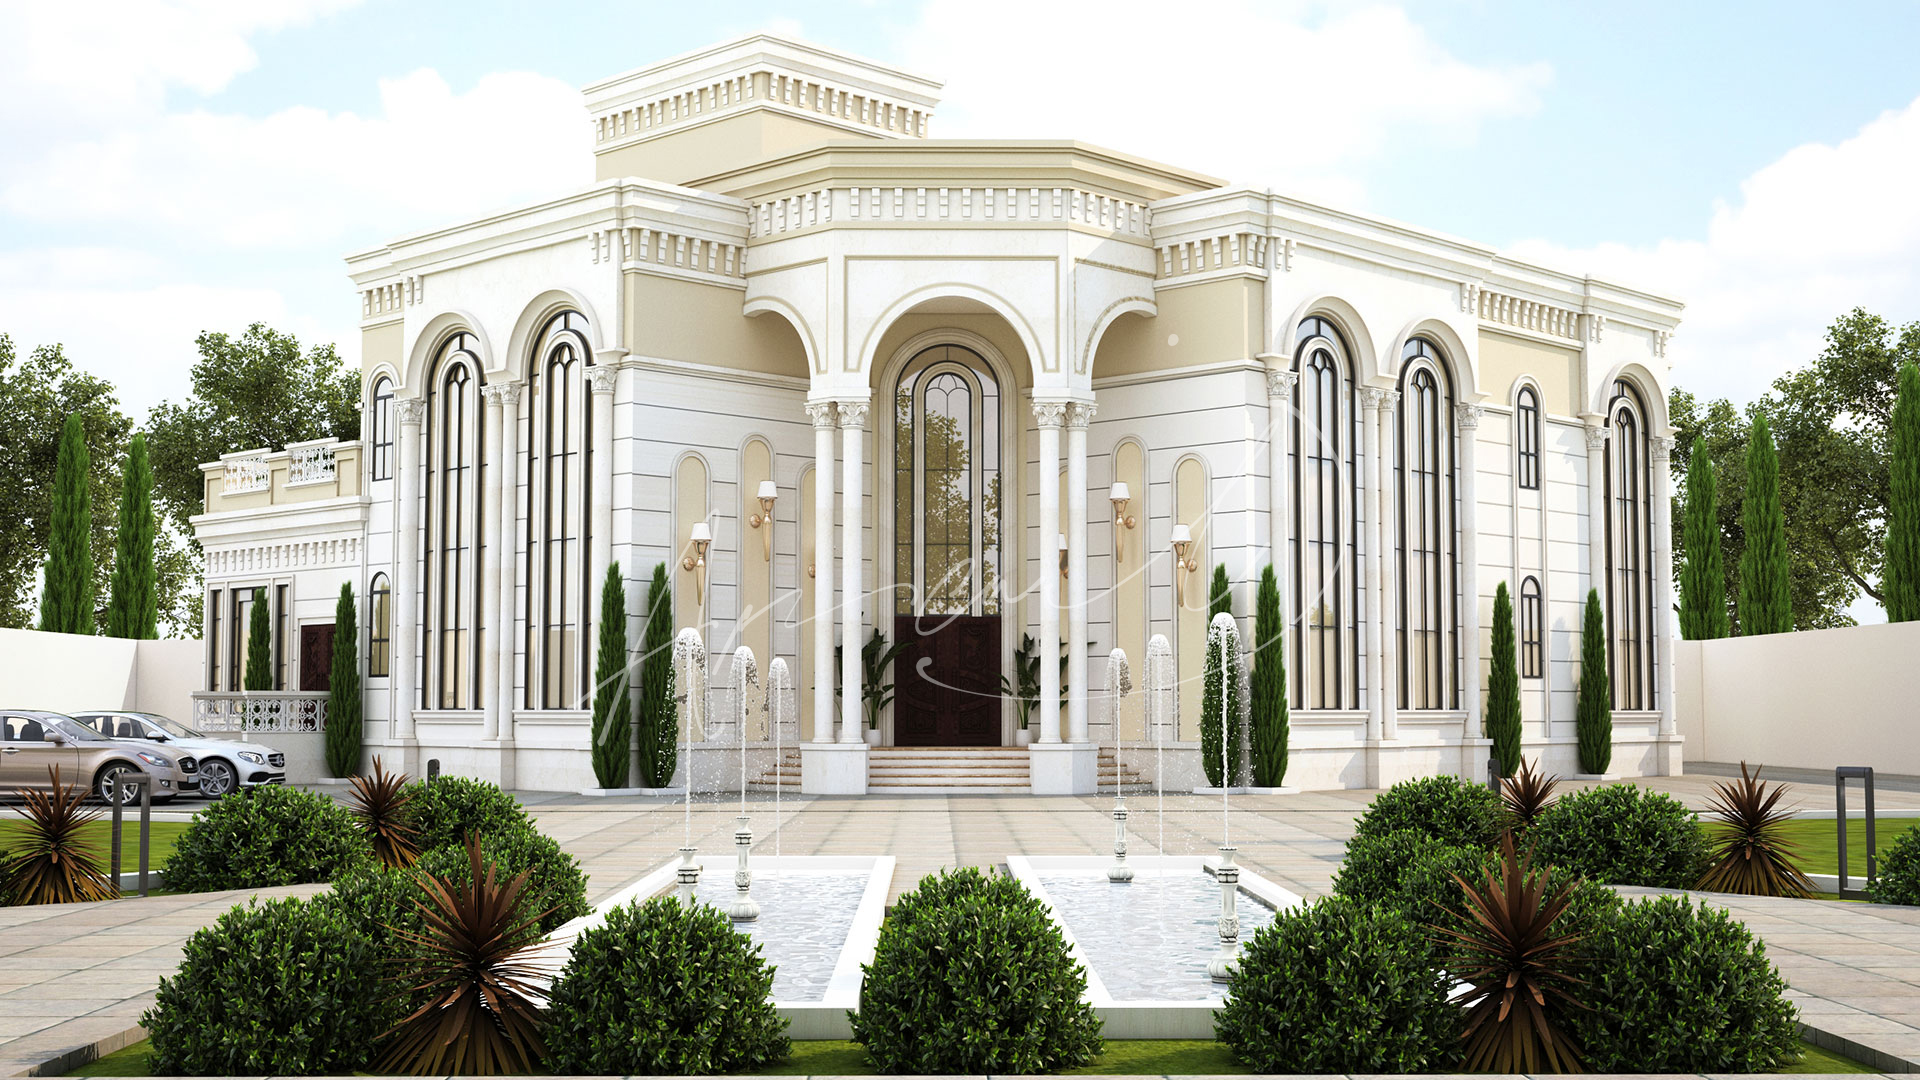 Classic Luxury Residential Villa Exterior Design - 002